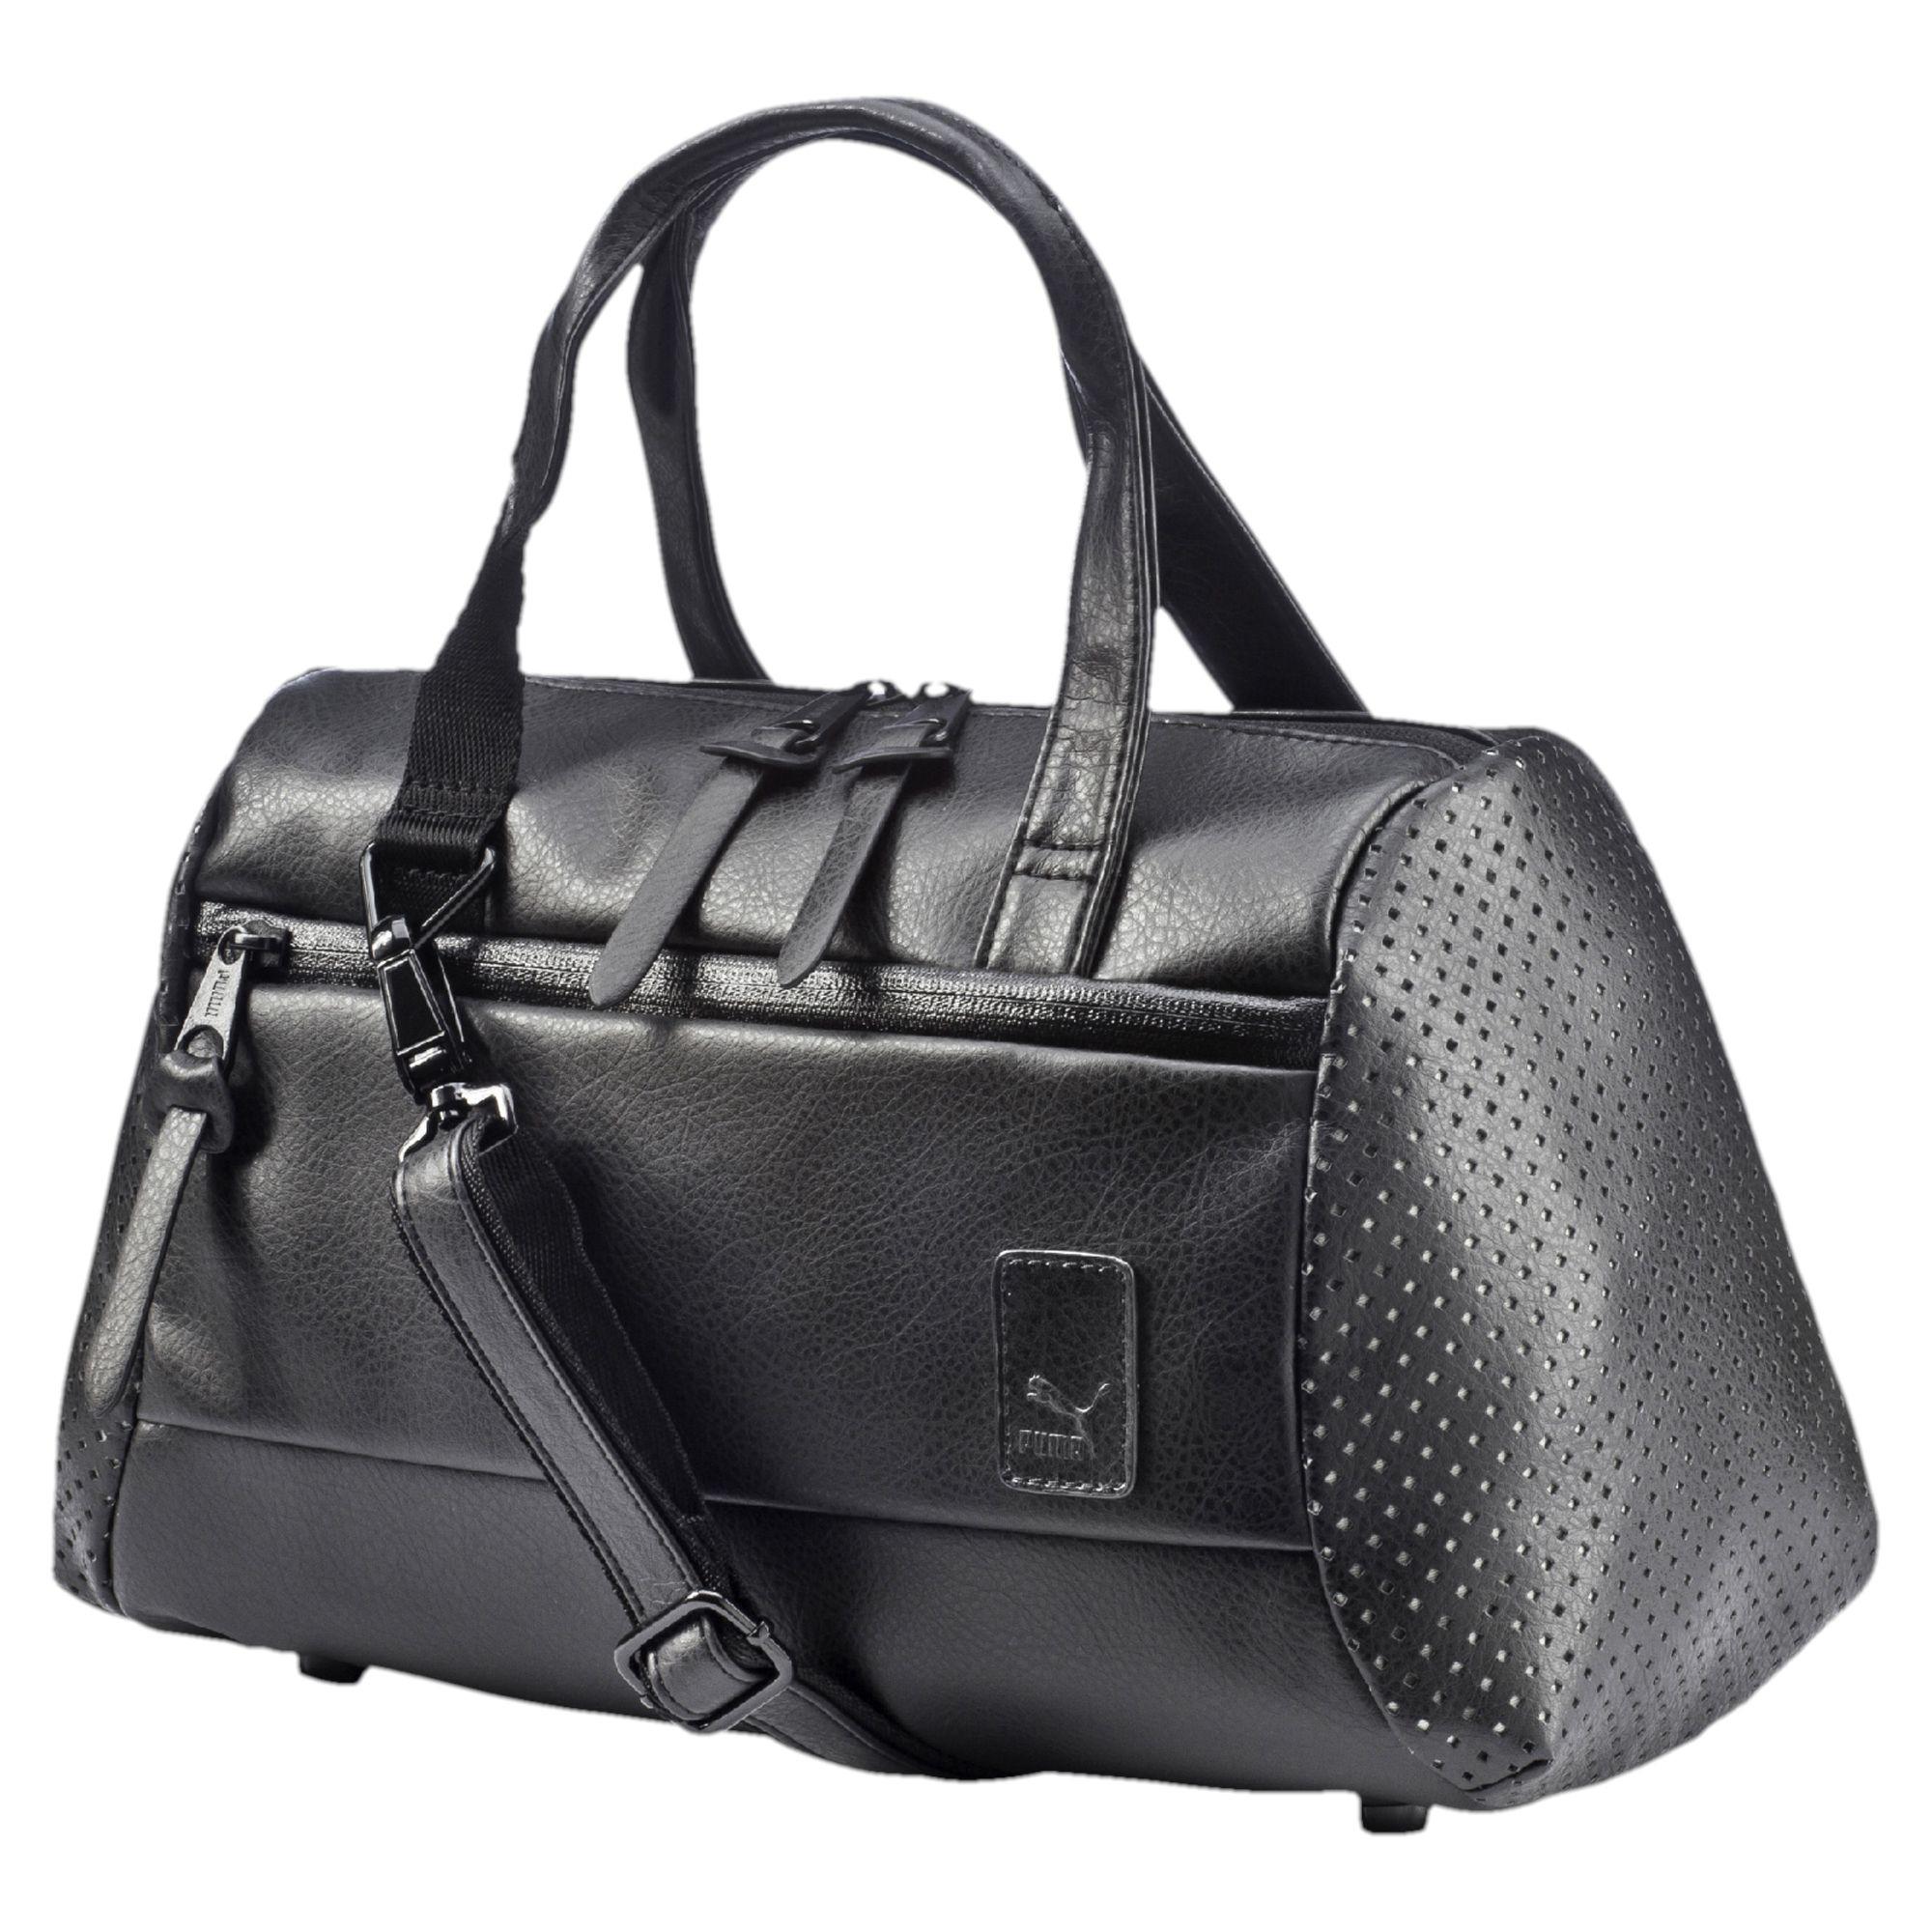 8b651b94e0b8 Lyst - PUMA Evo Plus Handbag in Black